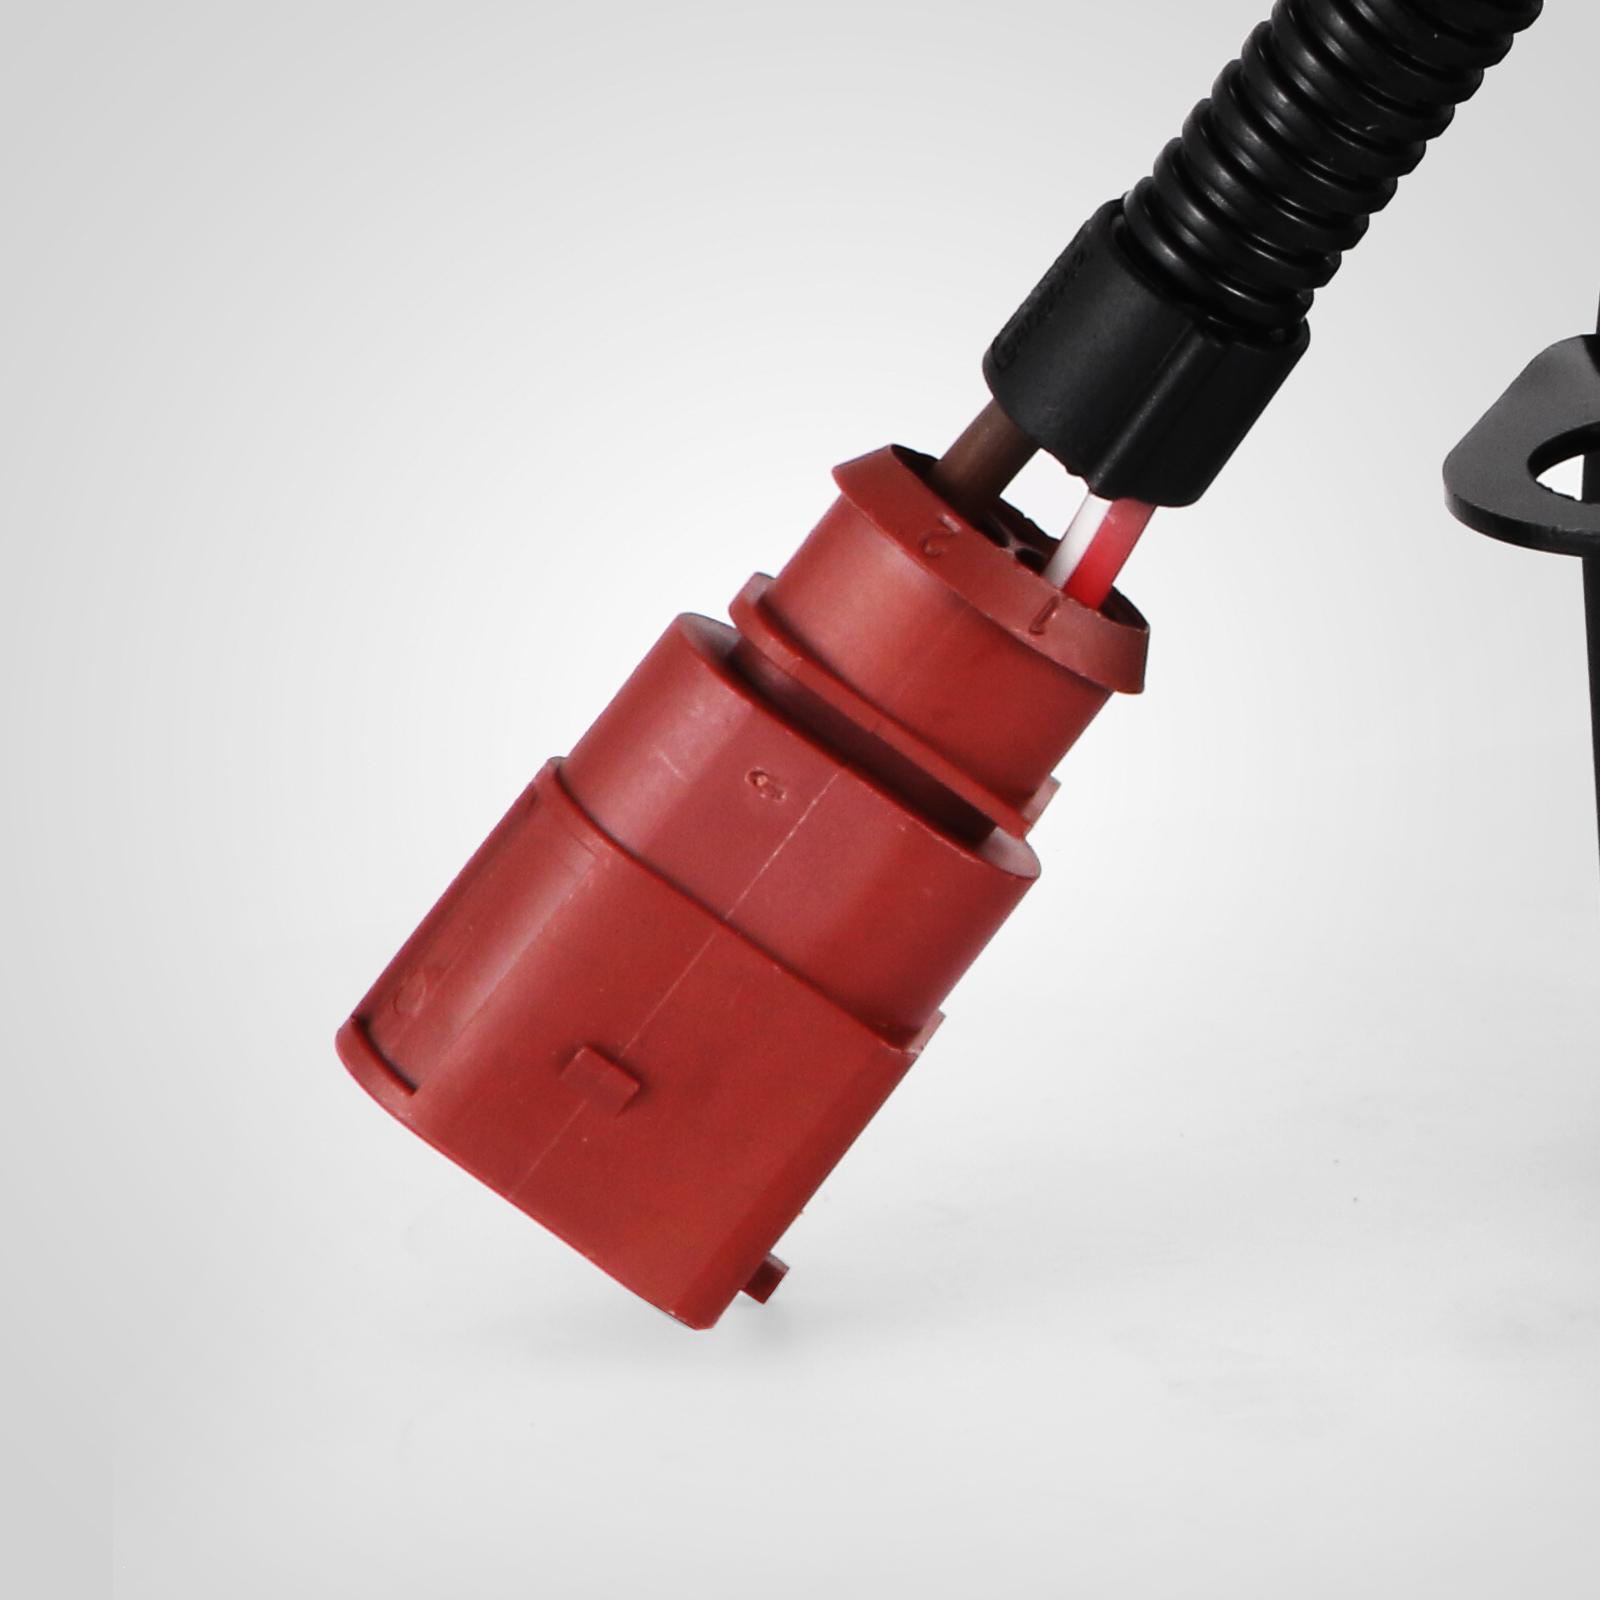 Top-For-AUDI-A6-C6-Air-Suspension-Compressor-Pump-4F0616005D-4F0616006A-Made